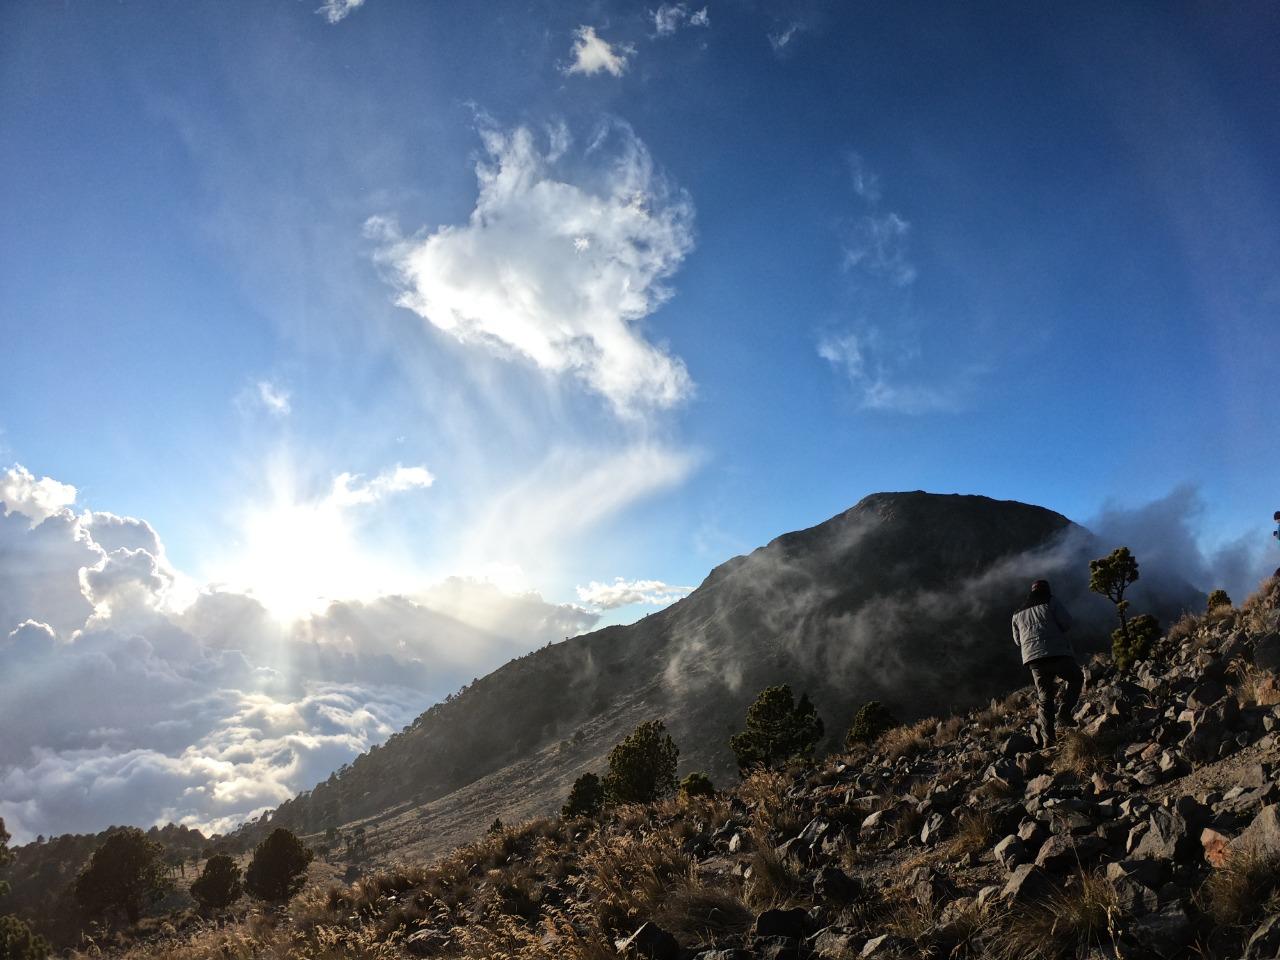 La Asociación de Turismo de Aventura Guaemala organiza limpieza del volcán Tajumulco. (Foto Prensa Libre: Cortesía)